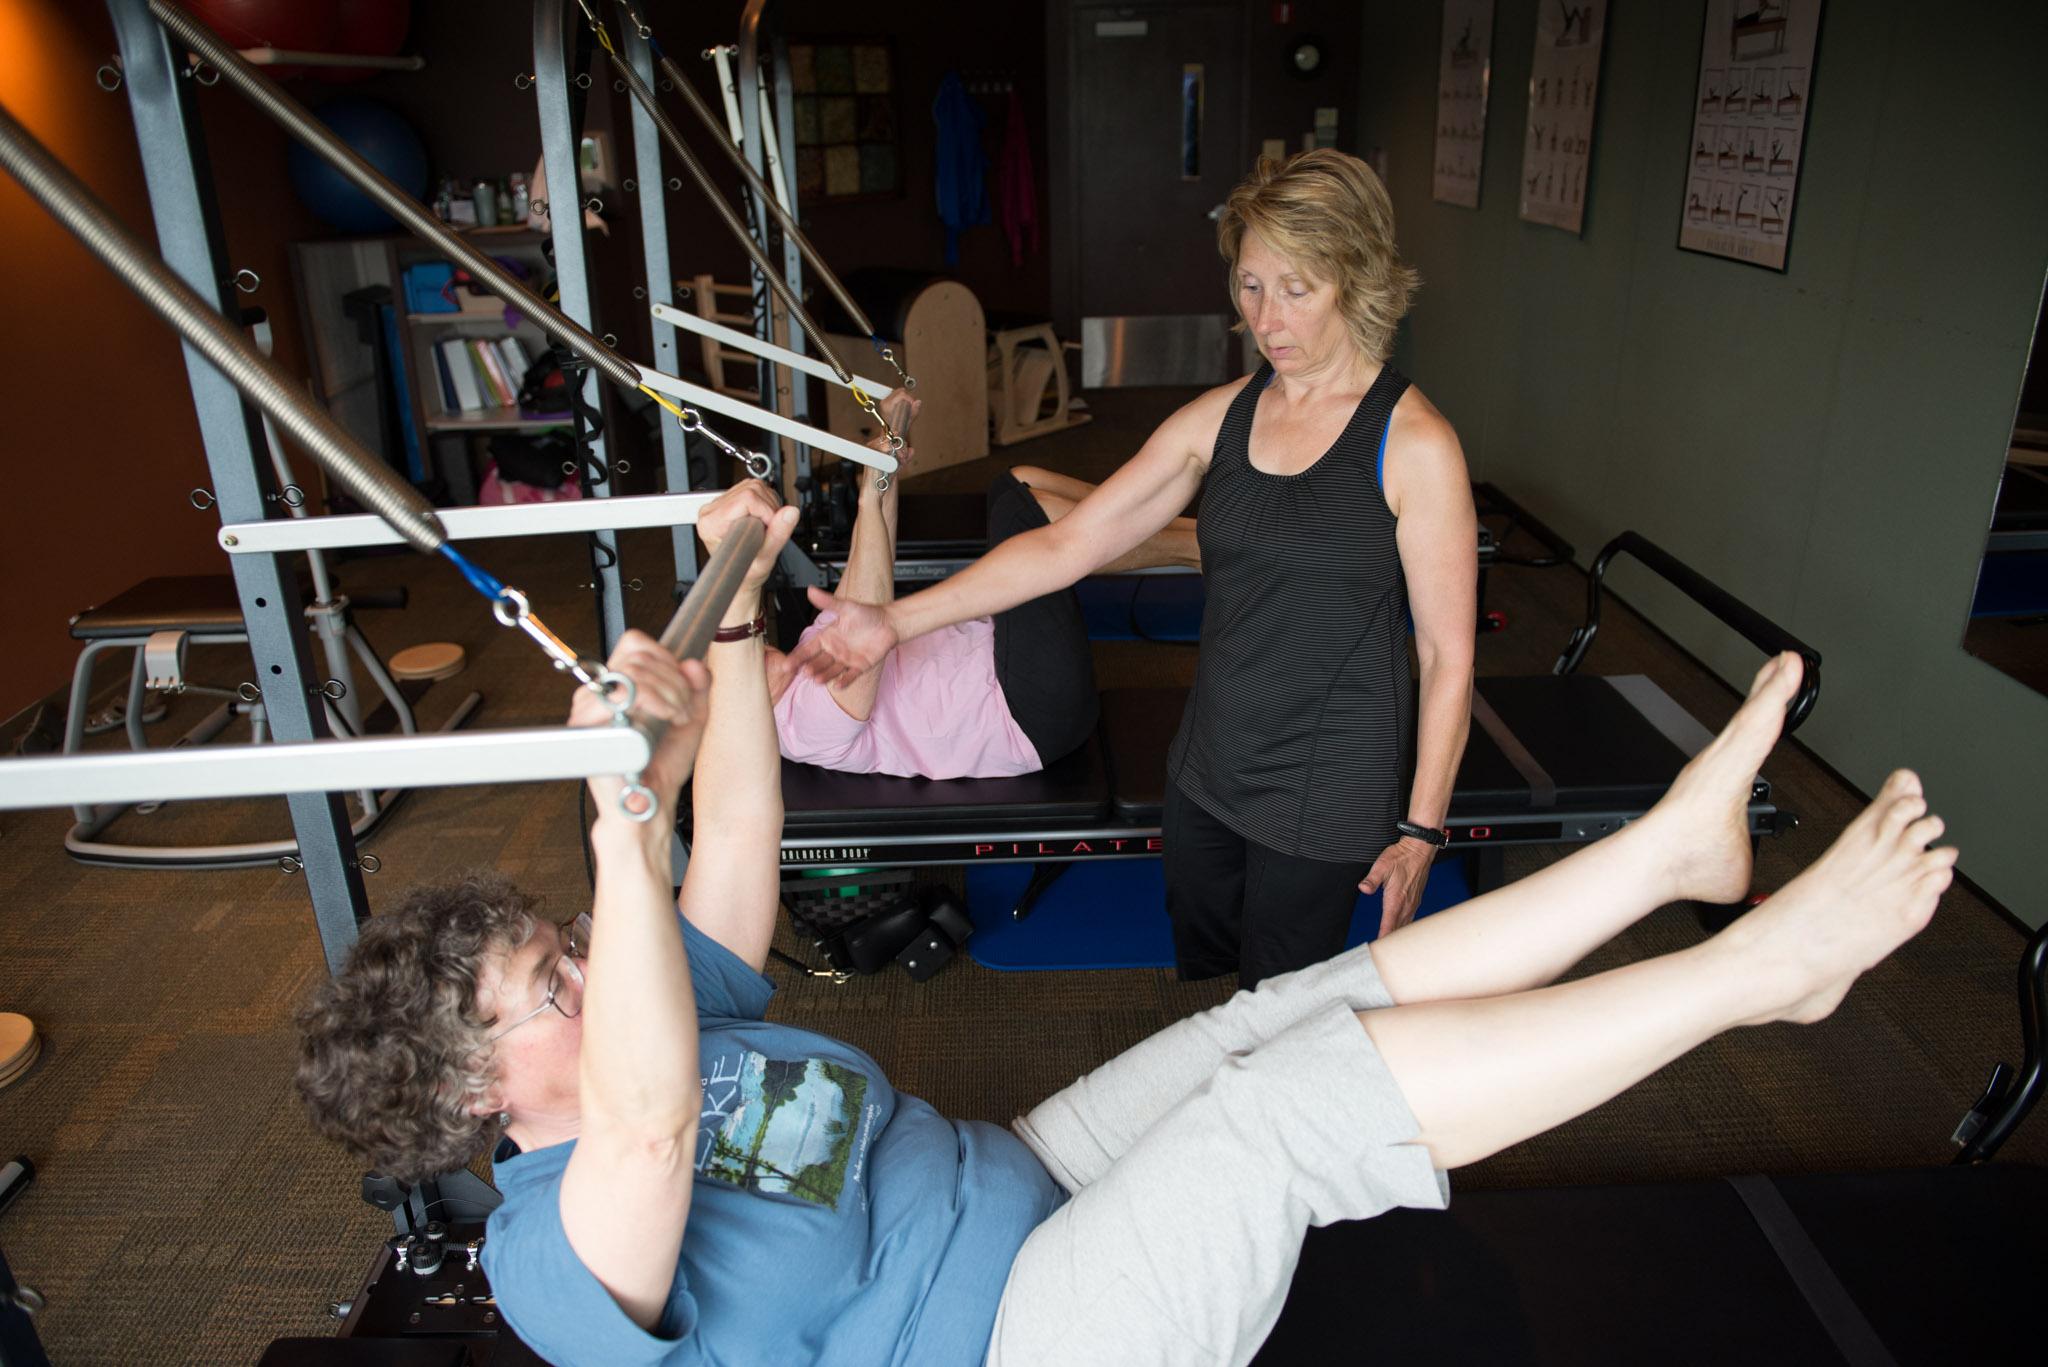 Wellness Center Stock Photos-1334.jpg